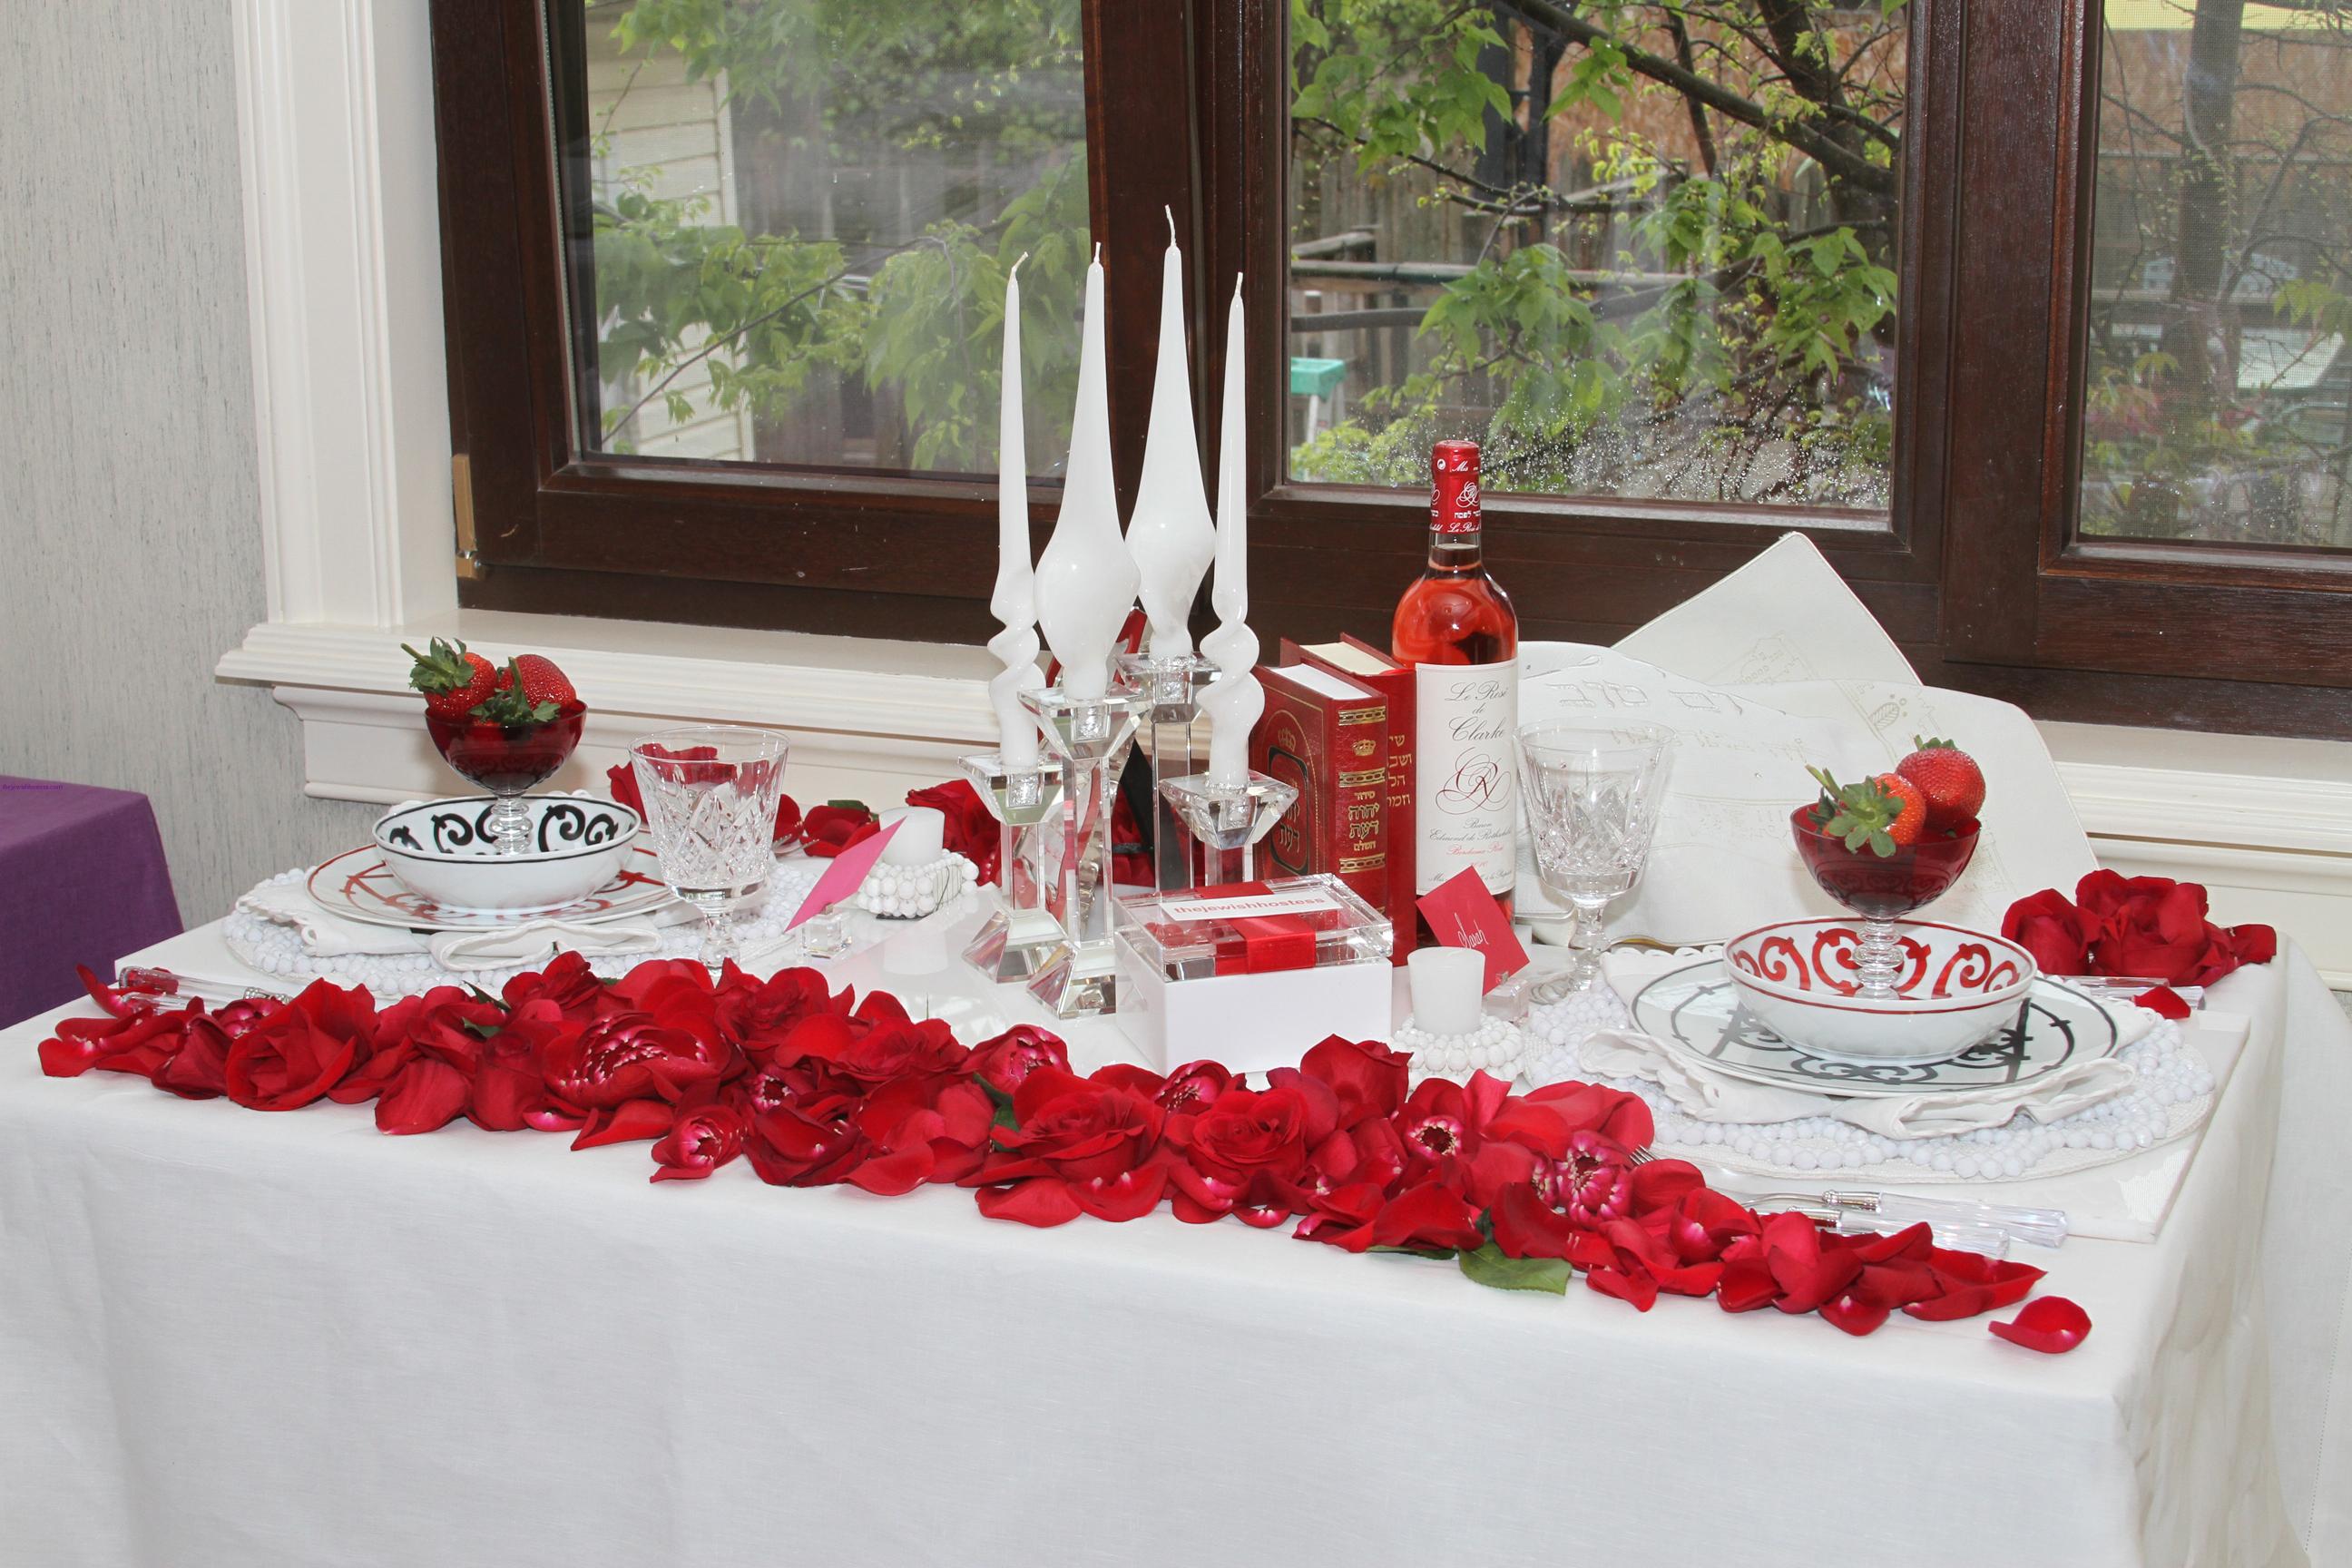 Картинки с лепестками роз на столе, поздравление